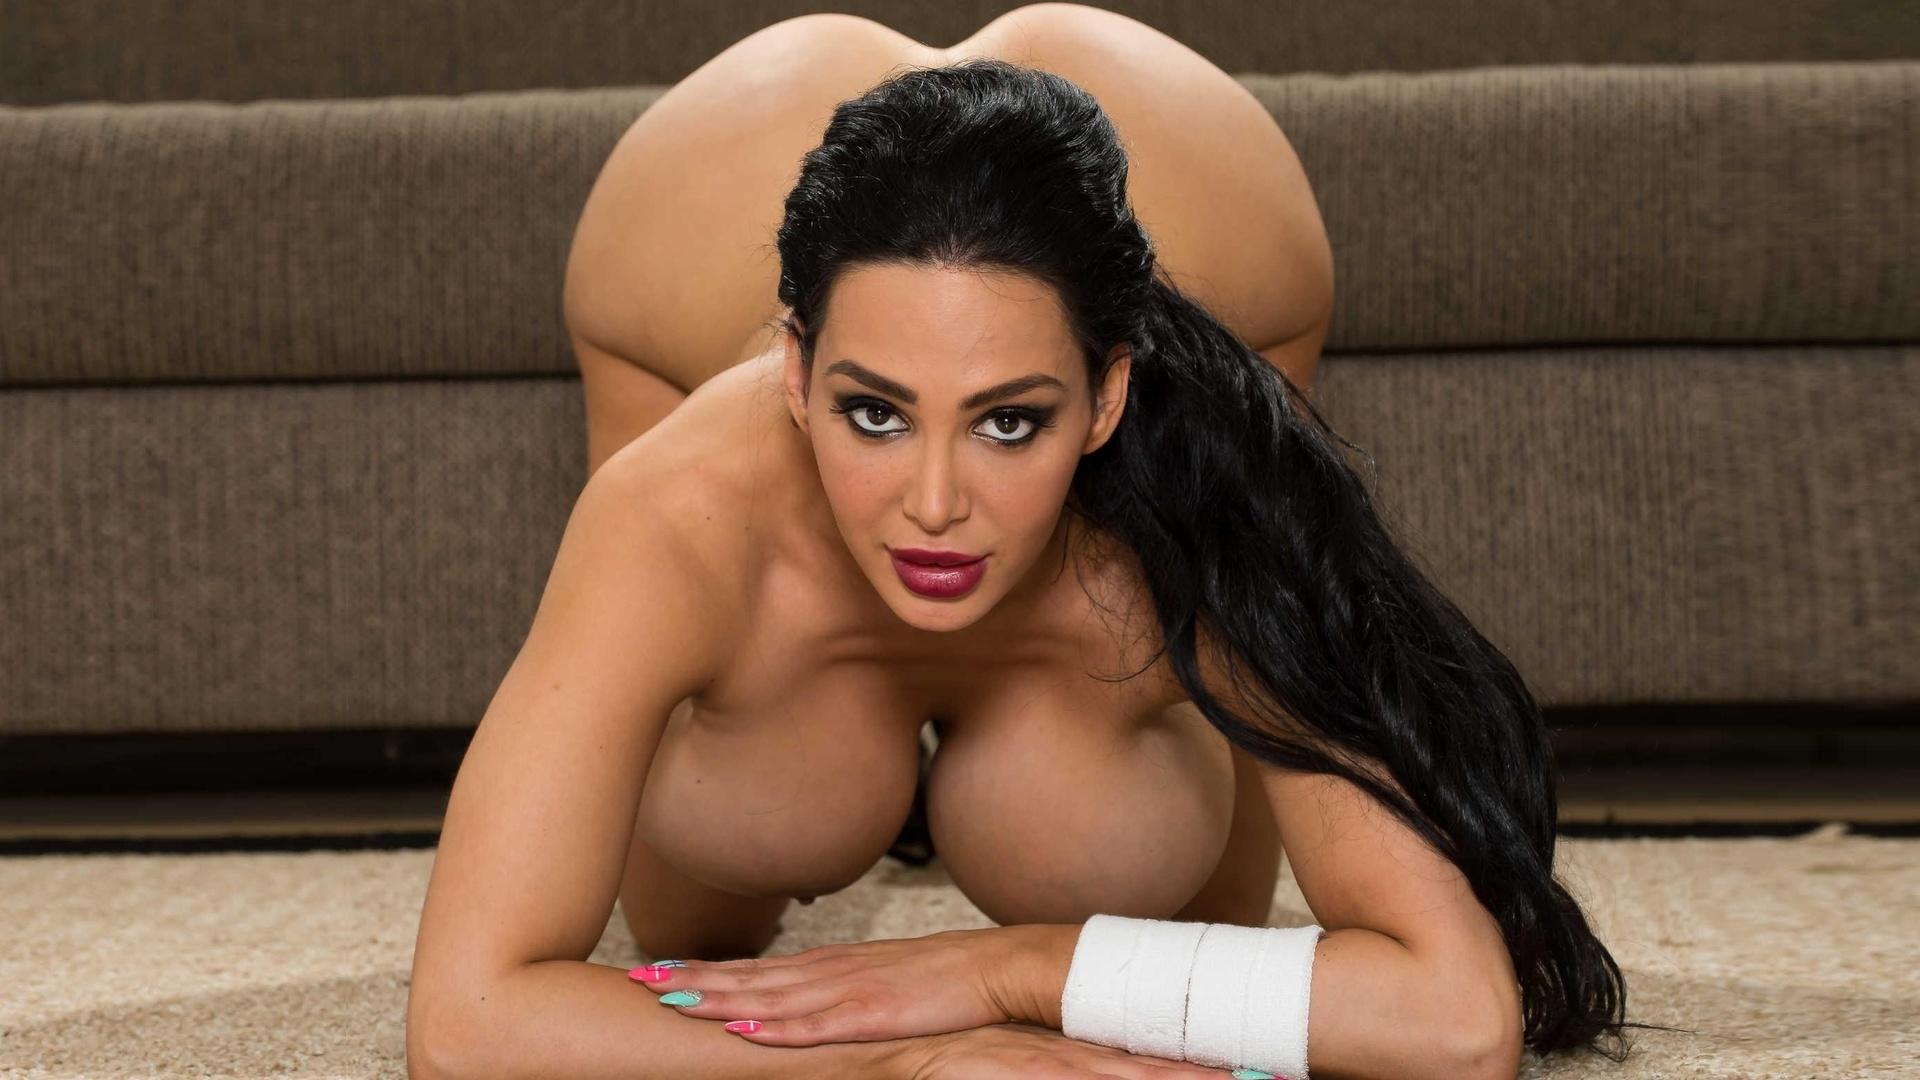 Фото имя порнозвезда брюнетка 6 фотография